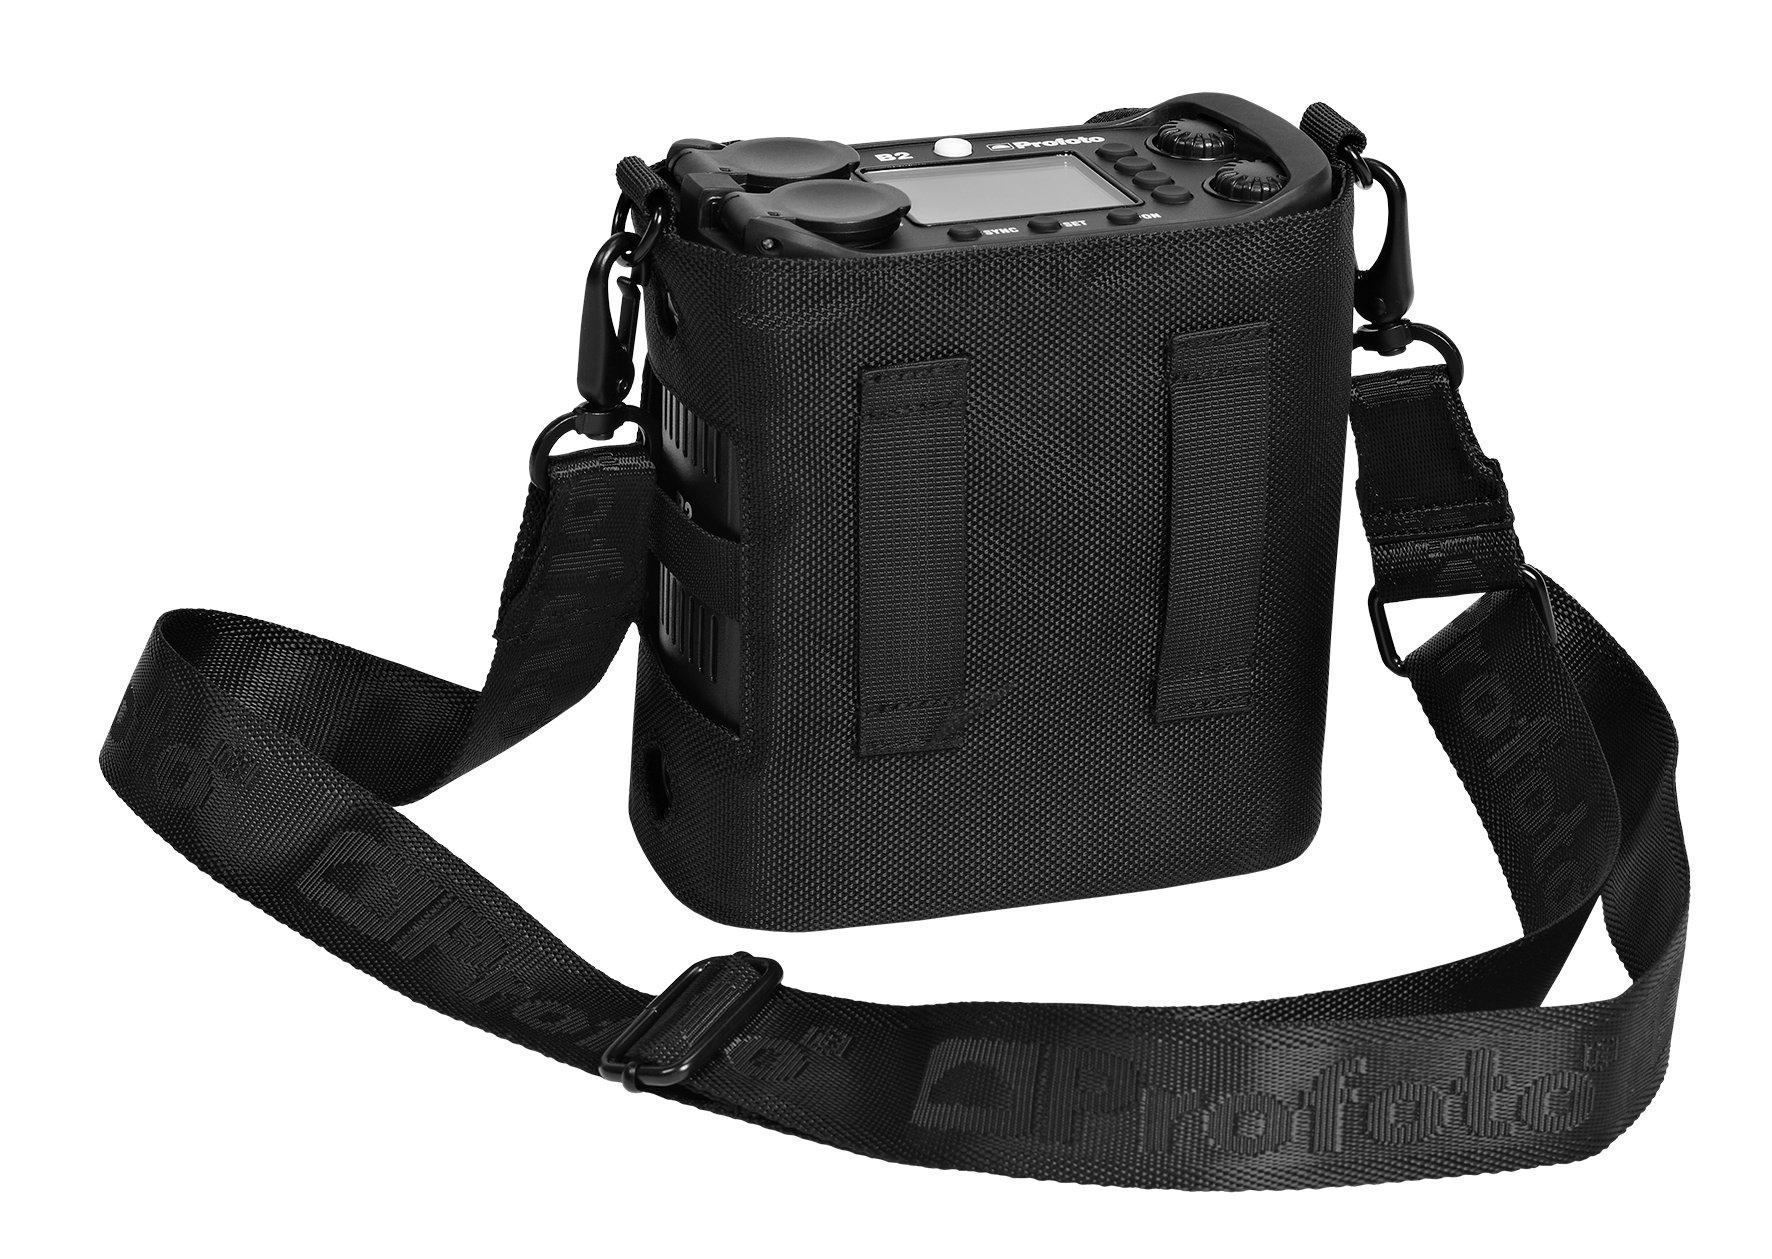 Profoto B2 Carrying Bag by Profoto